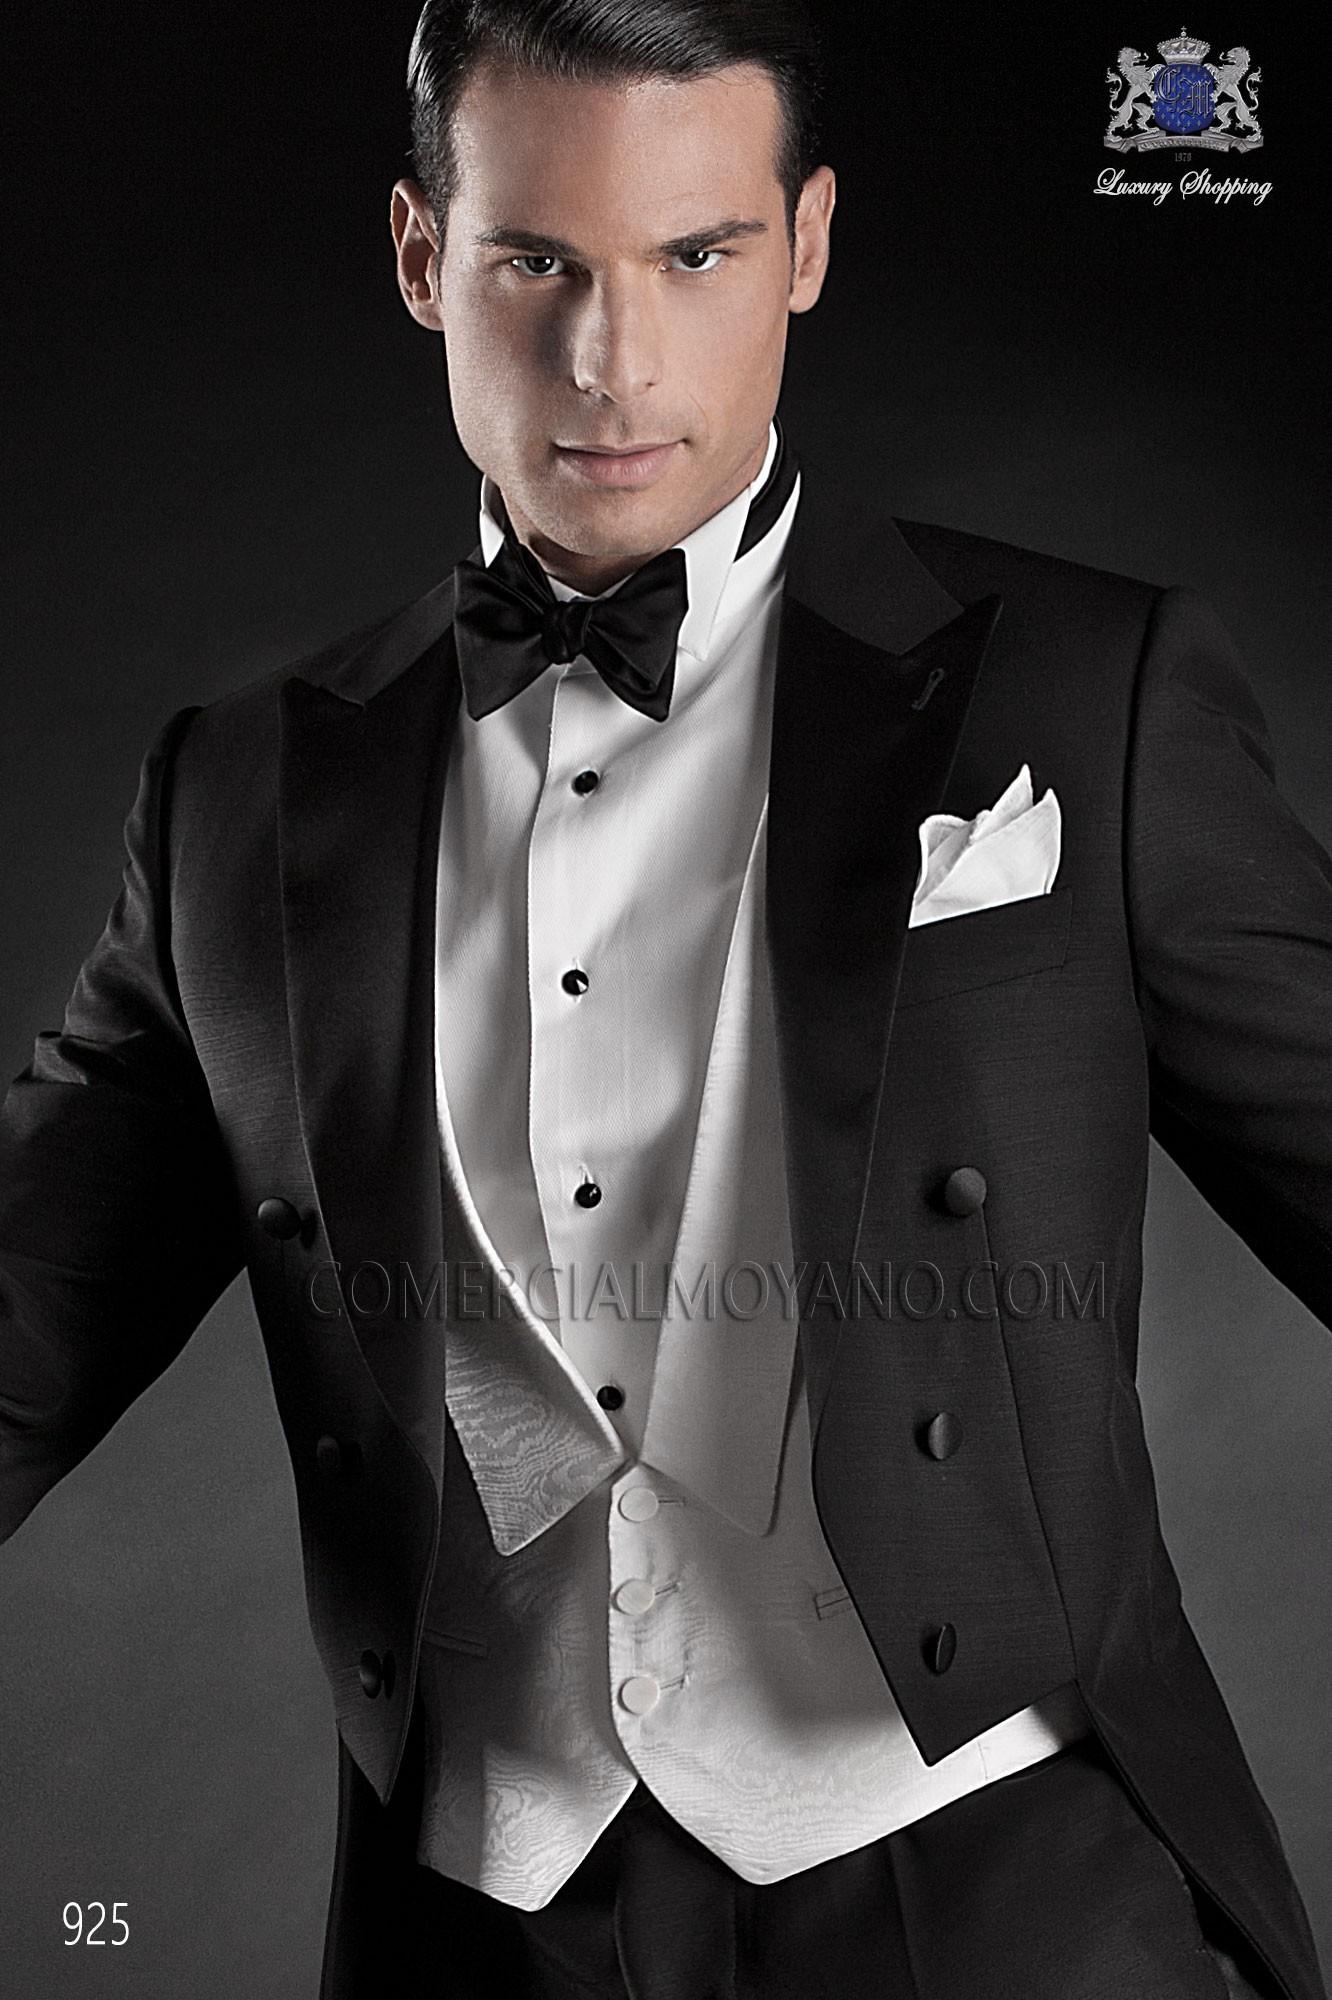 Traje BlackTie de novio negro modelo: 925 Ottavio Nuccio Gala colección Black Tie